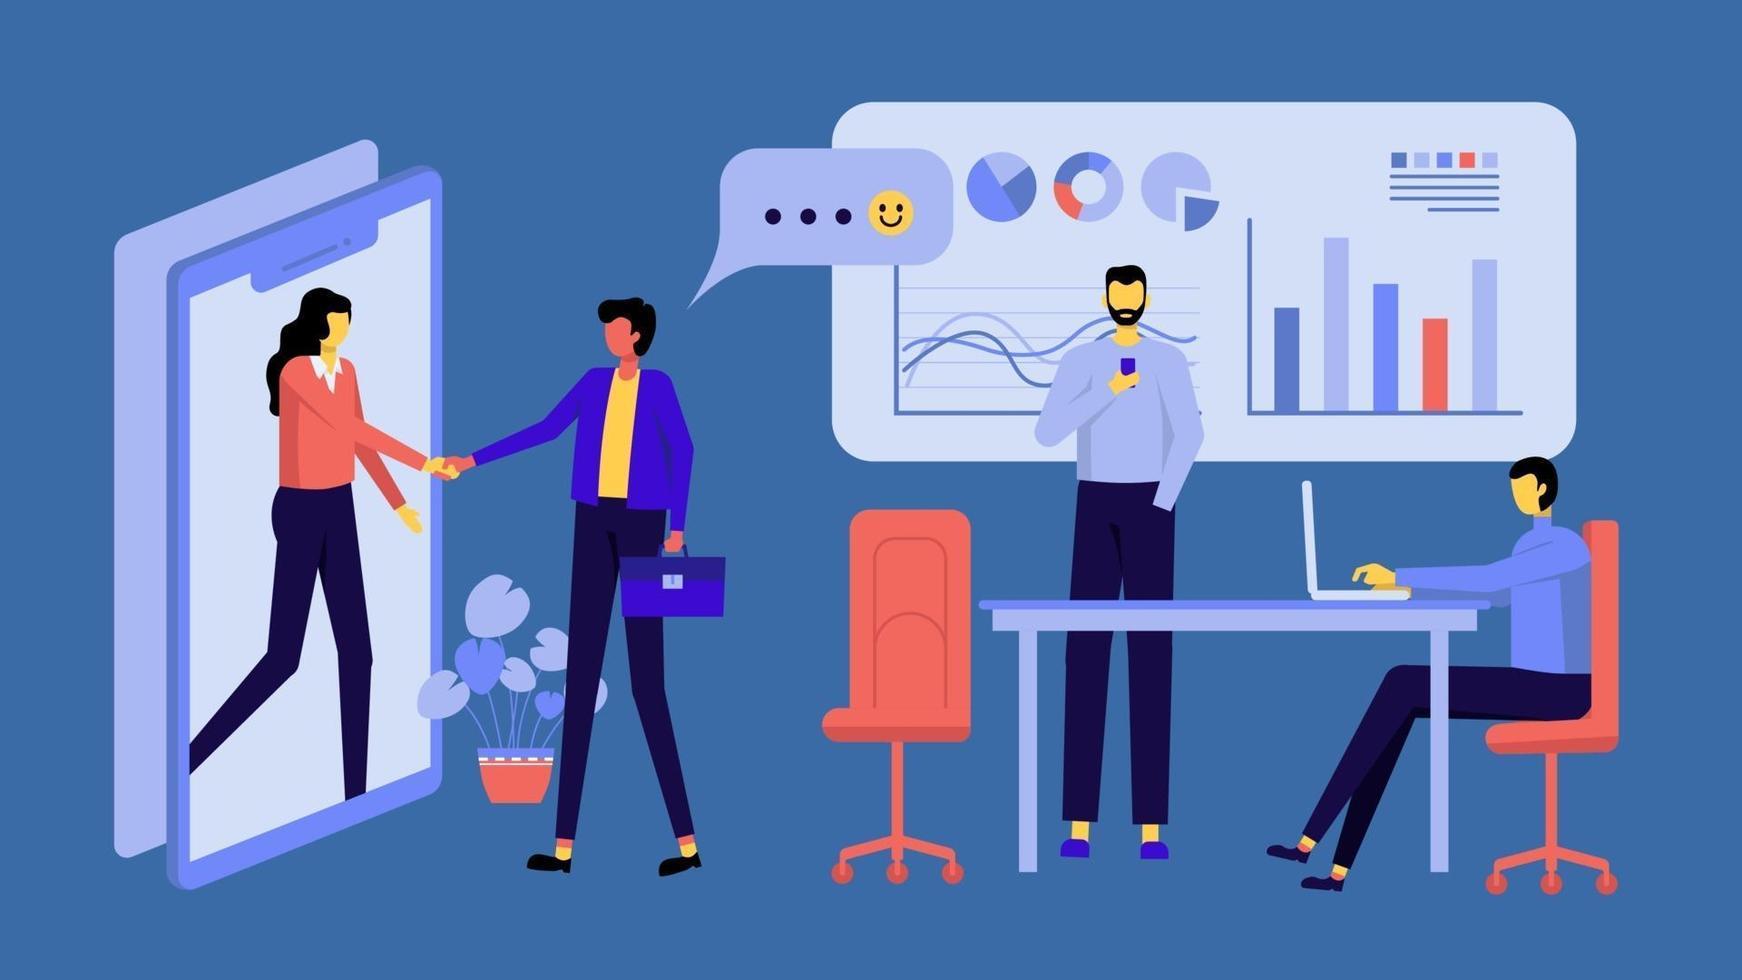 opstarten bedrijfsconcept voor marketing vector